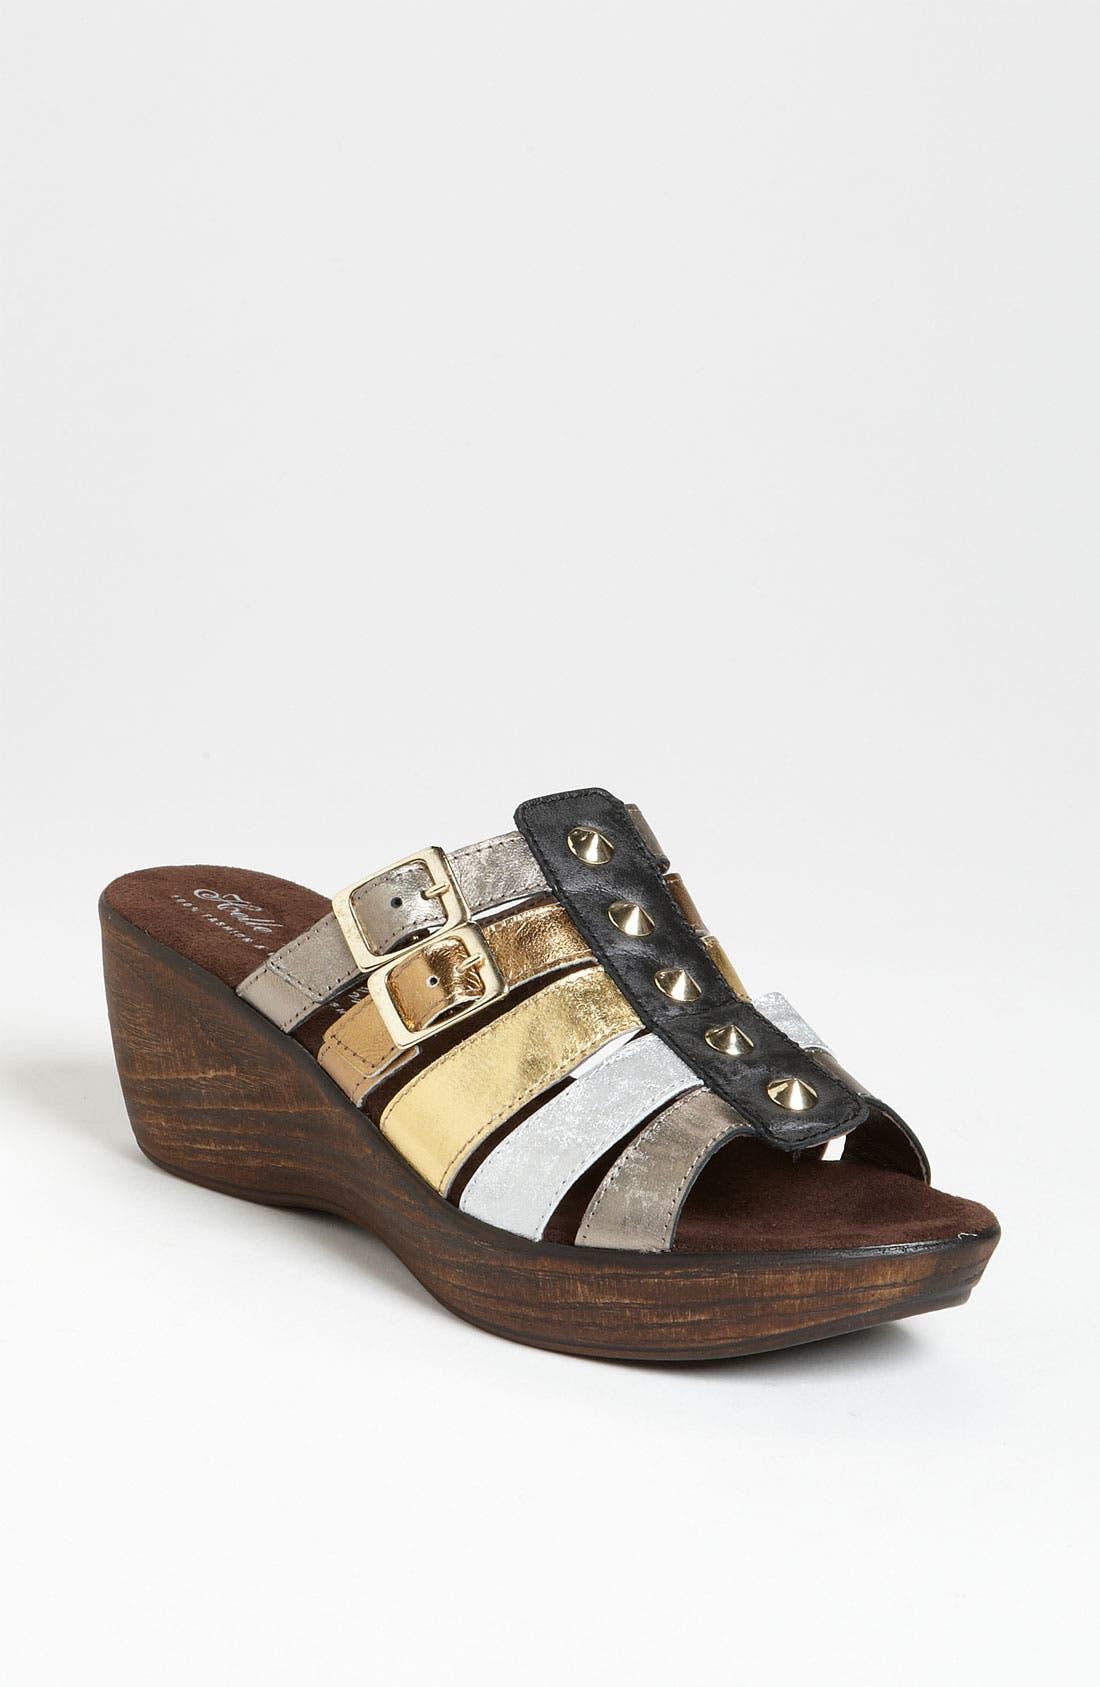 Main Image - Helle Comfort 'Georgia' Sandal